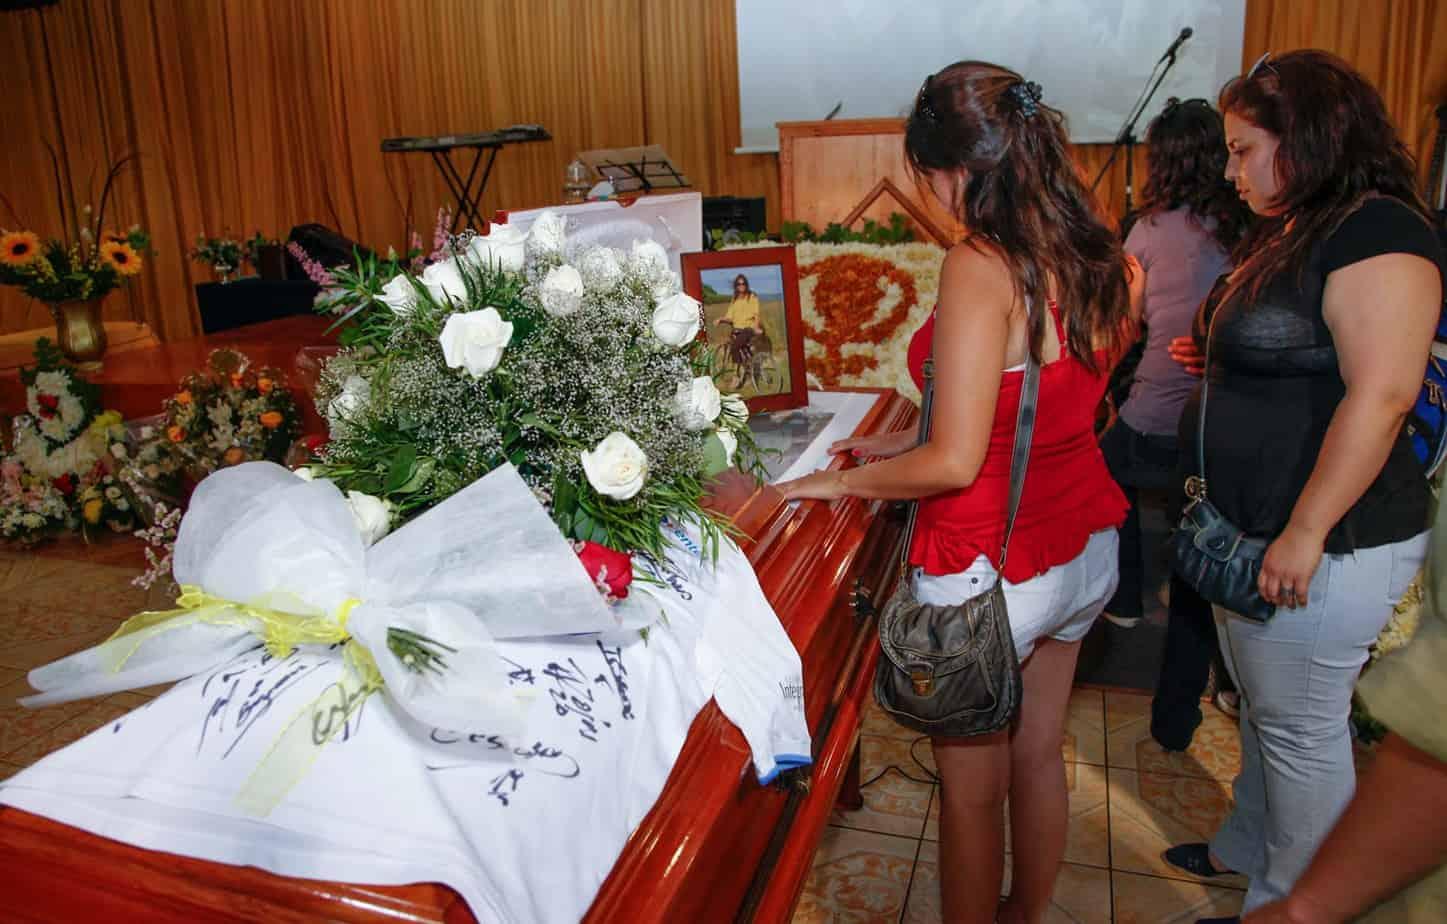 Costumbres y tradiciones de un velorio en Cuba